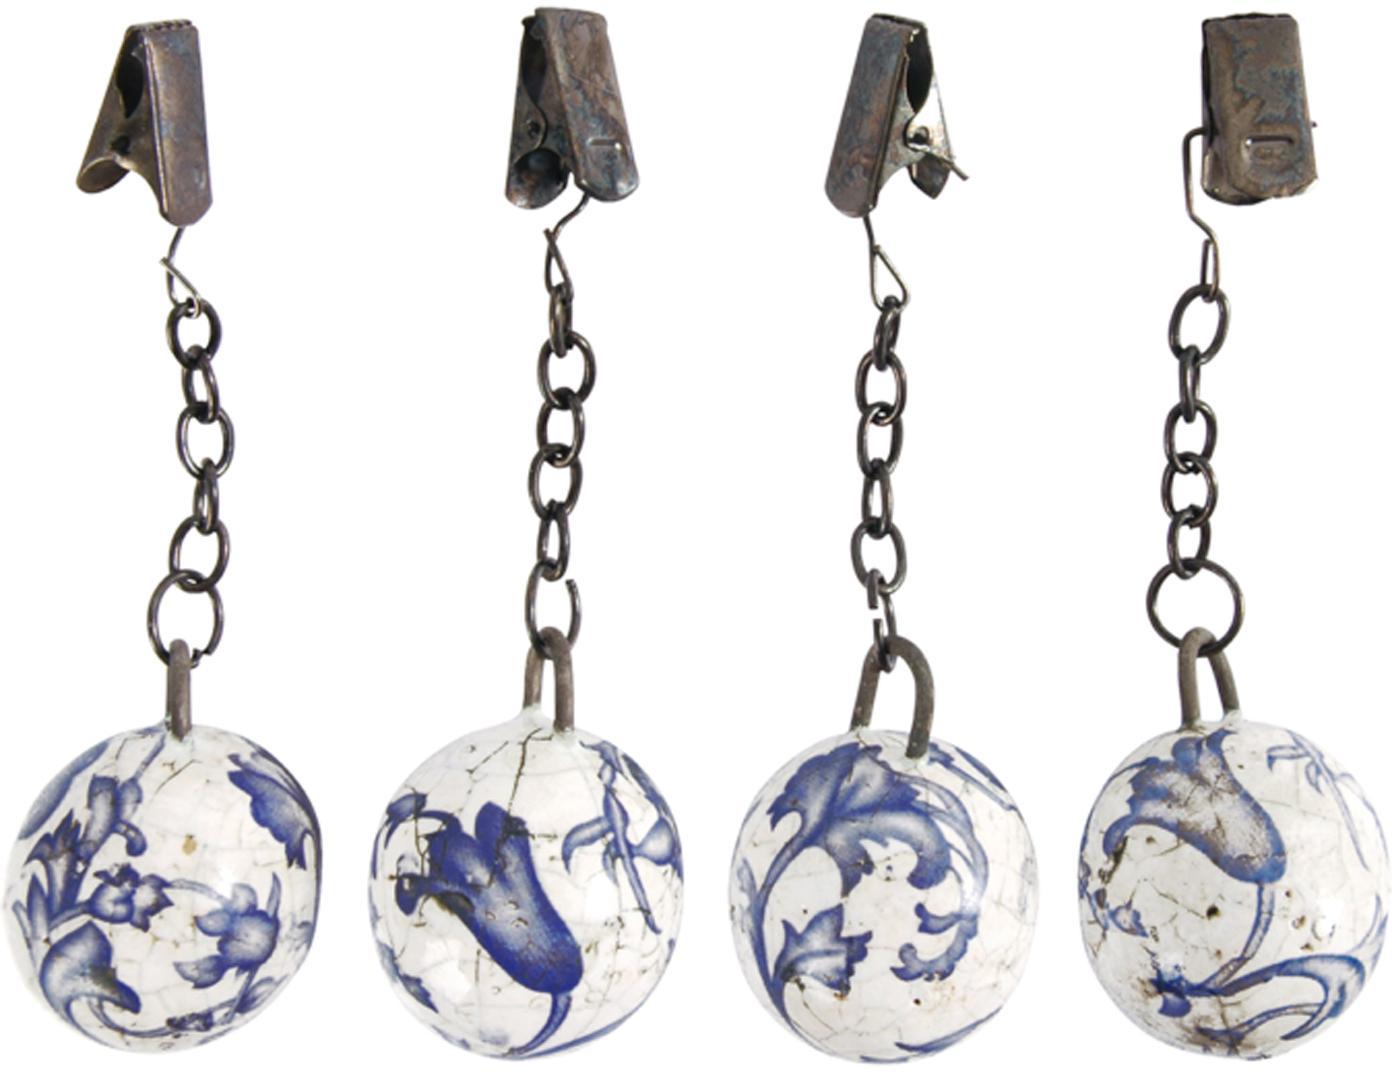 Tischdeckengewichte Evie, 4er-Set, Keramik, Blau, Weiss, Metall, Ø 3 x H 11 cm